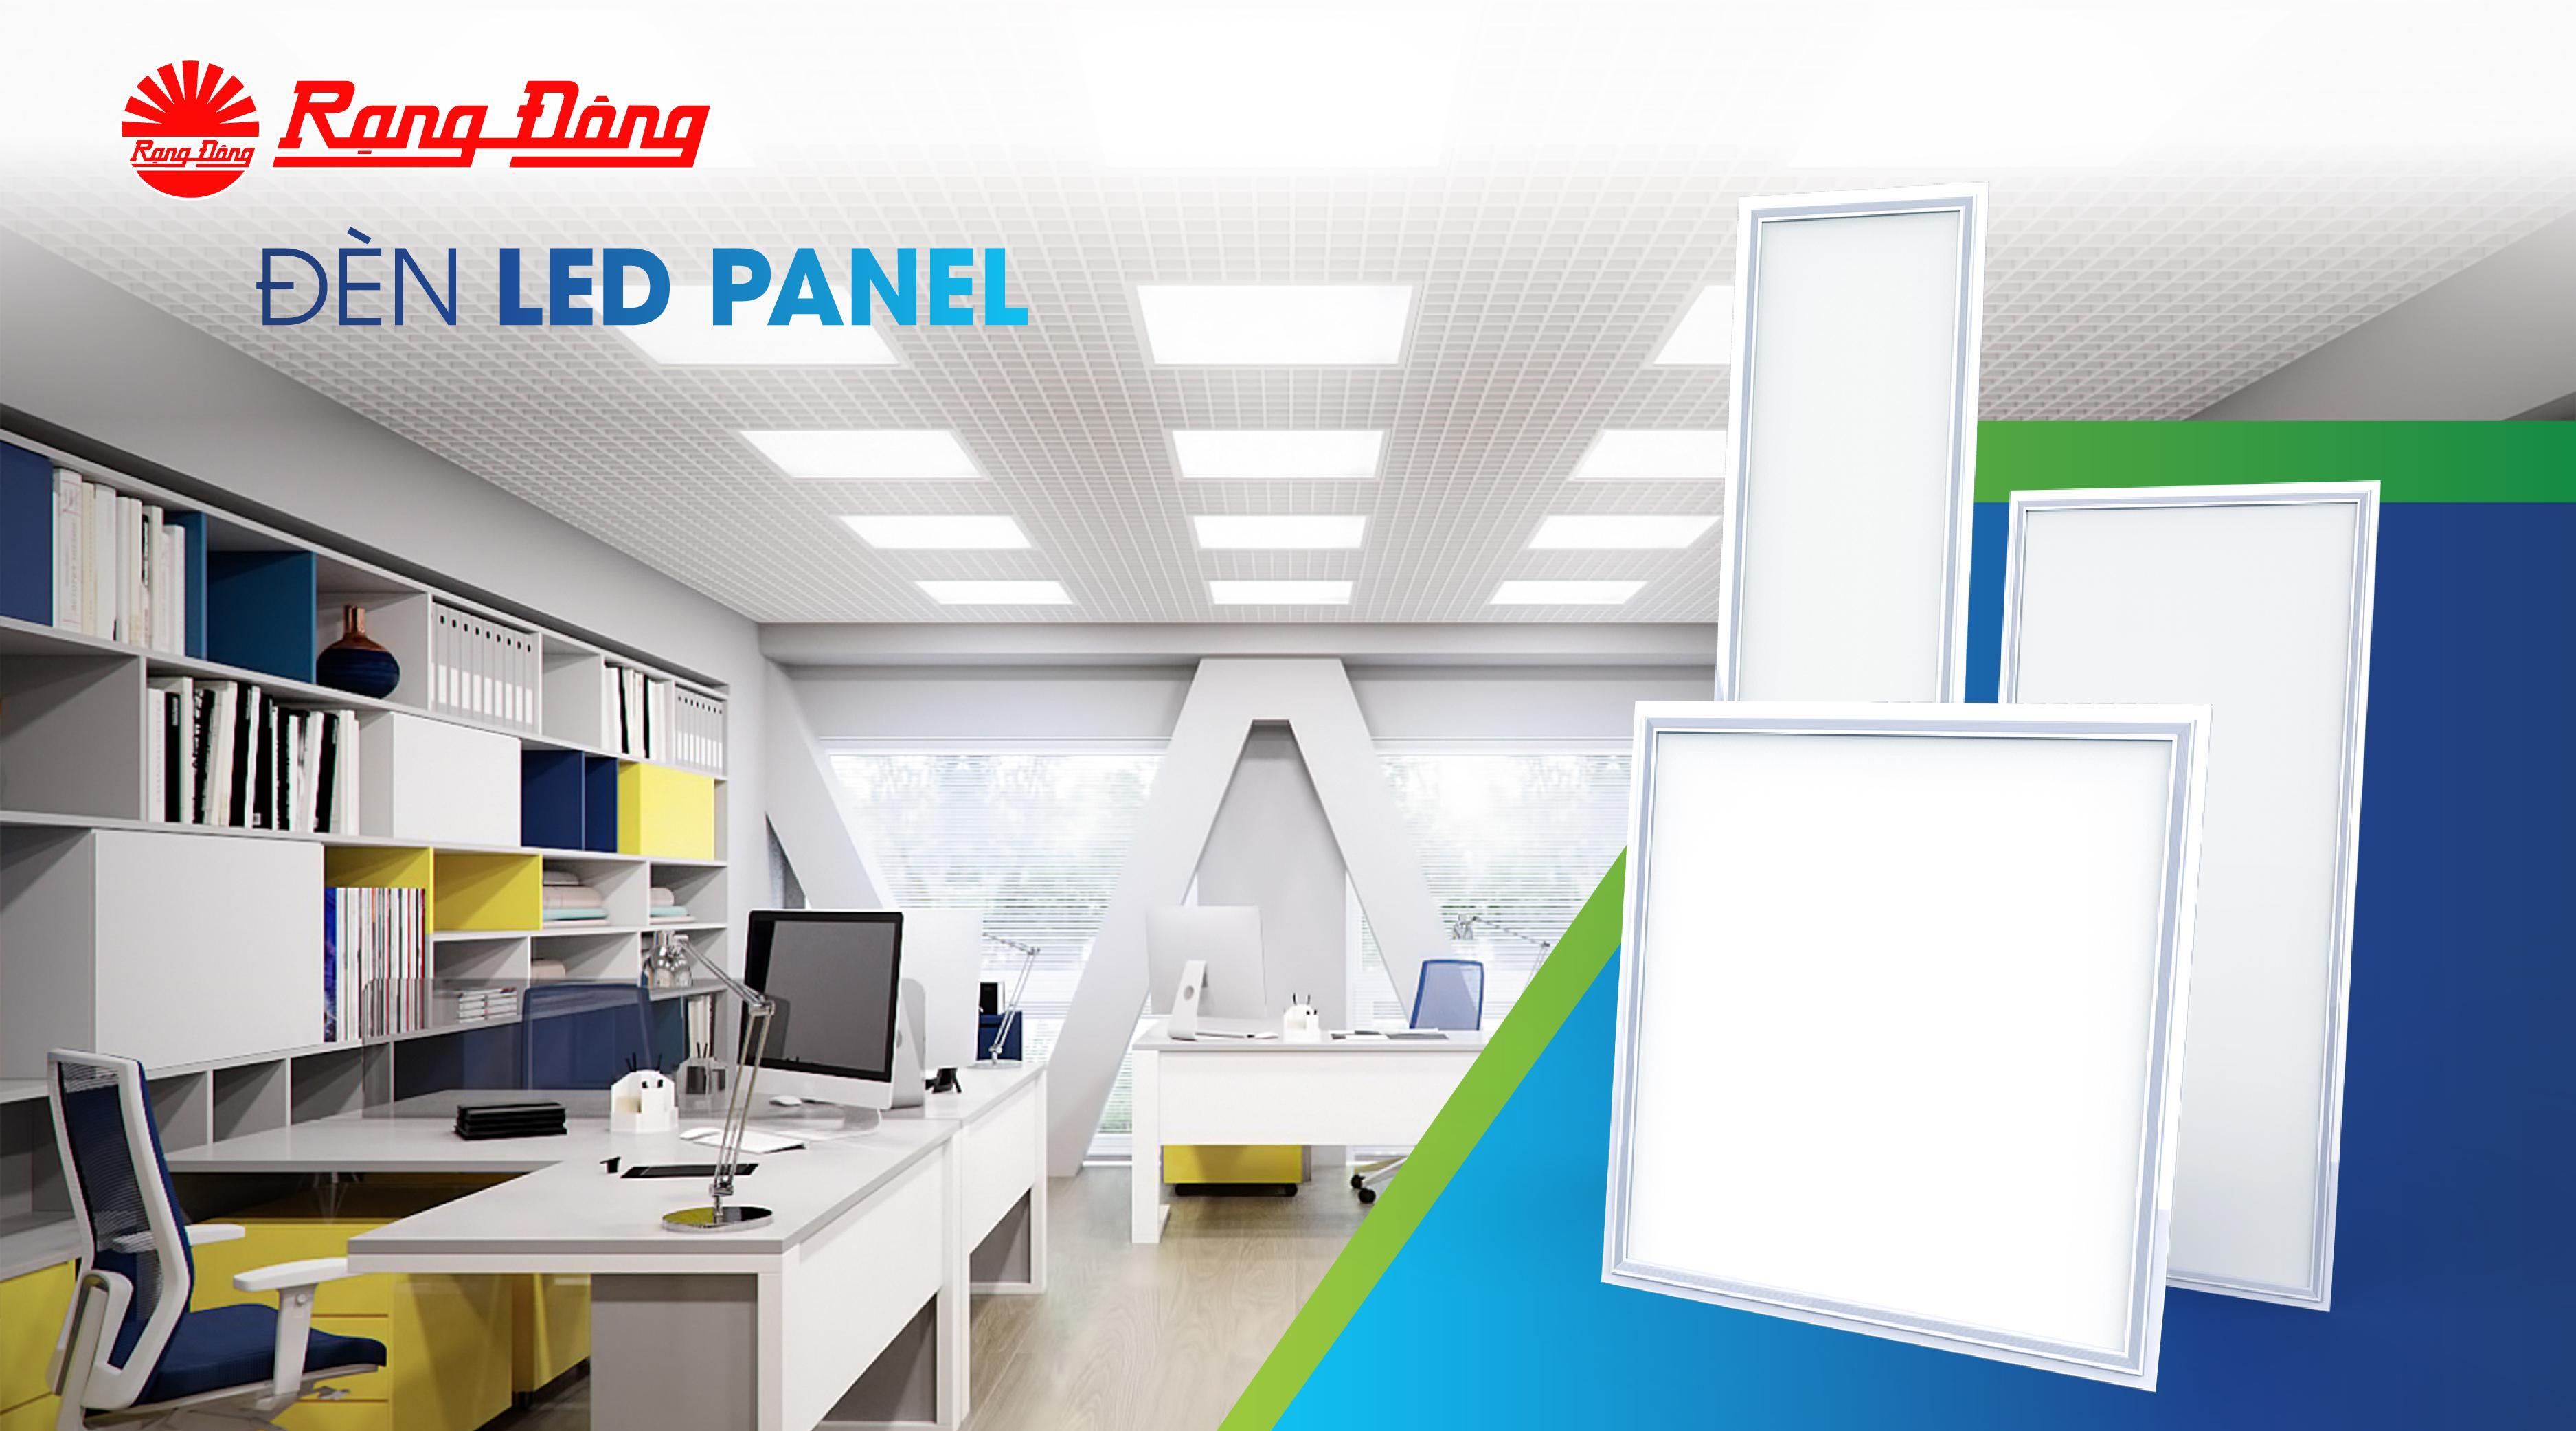 Đèn LED Panel là gì ? Cấu tạo và ứng dụng của đèn LED Panel